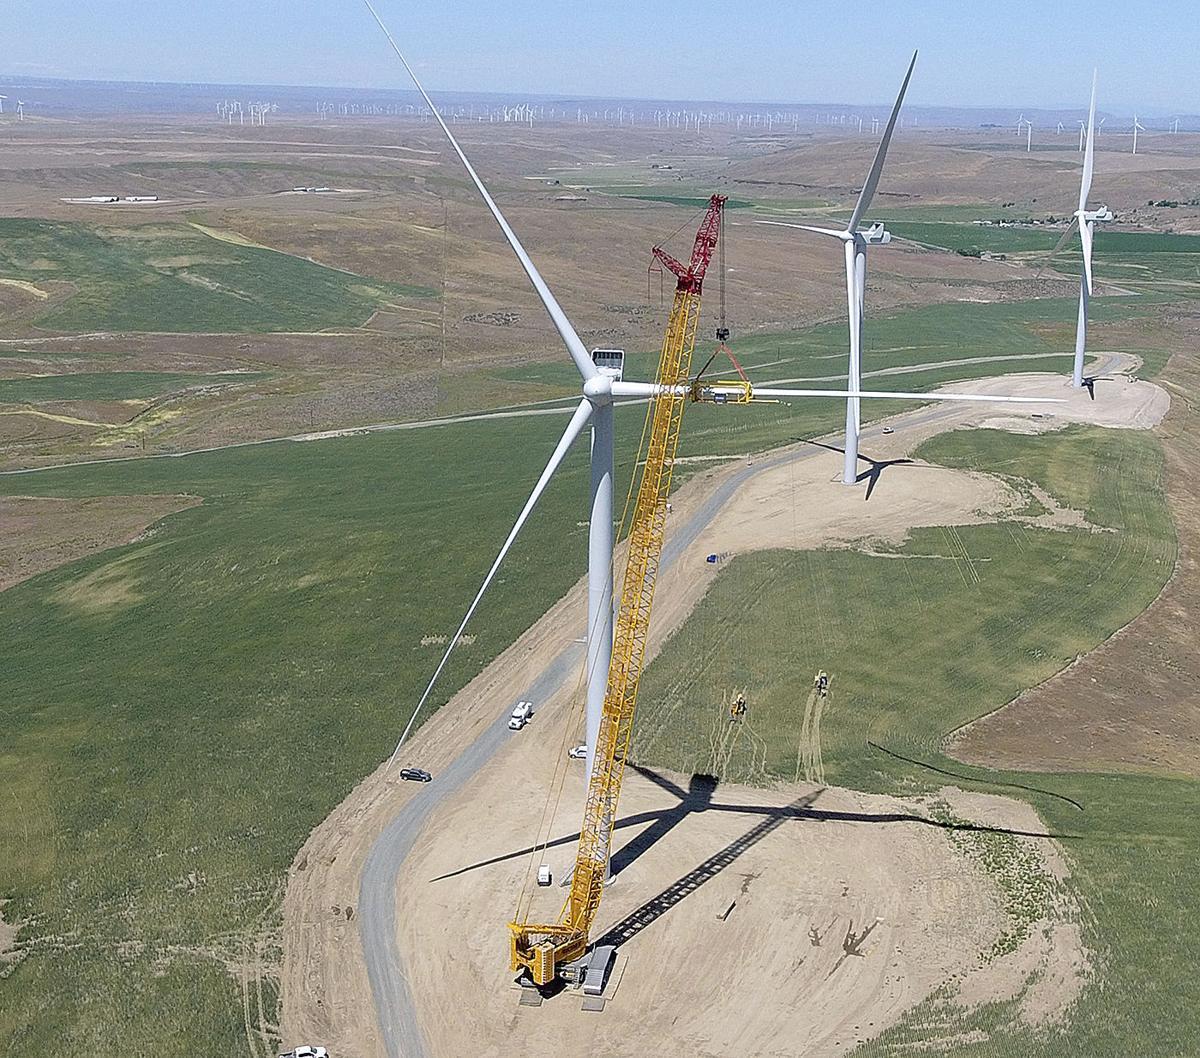 Wind turbines 20